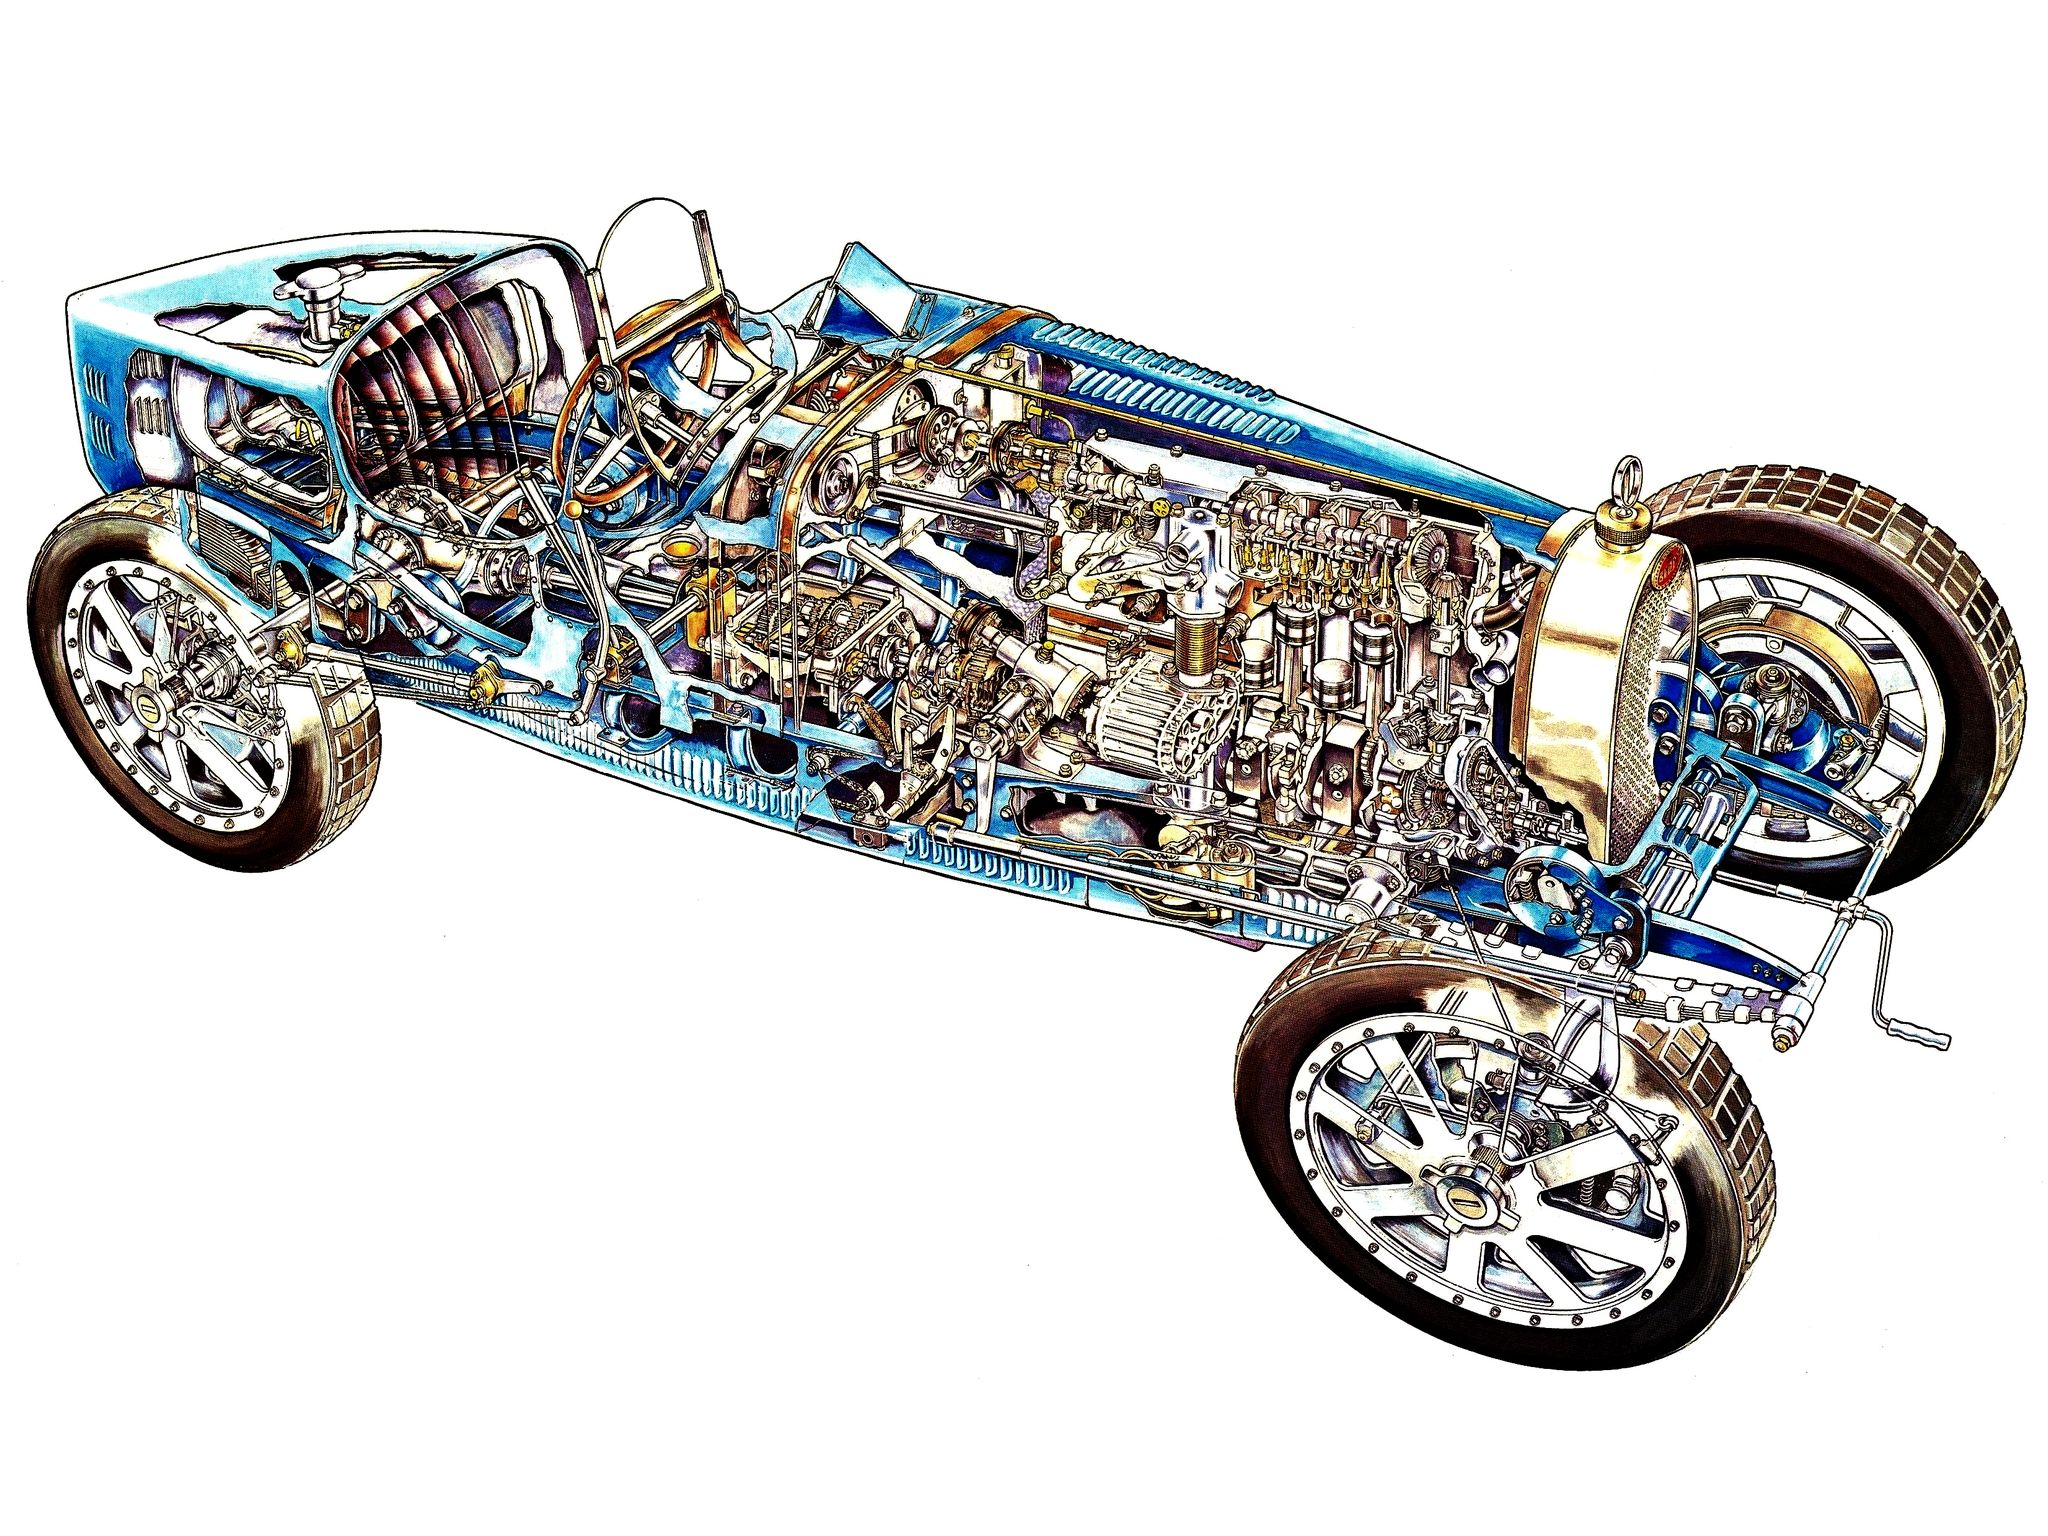 1924 1930 Bugatti Type 35 Illustration Attributed To James A Allington Bugatti Bugatti Cars Bugatti Eb110